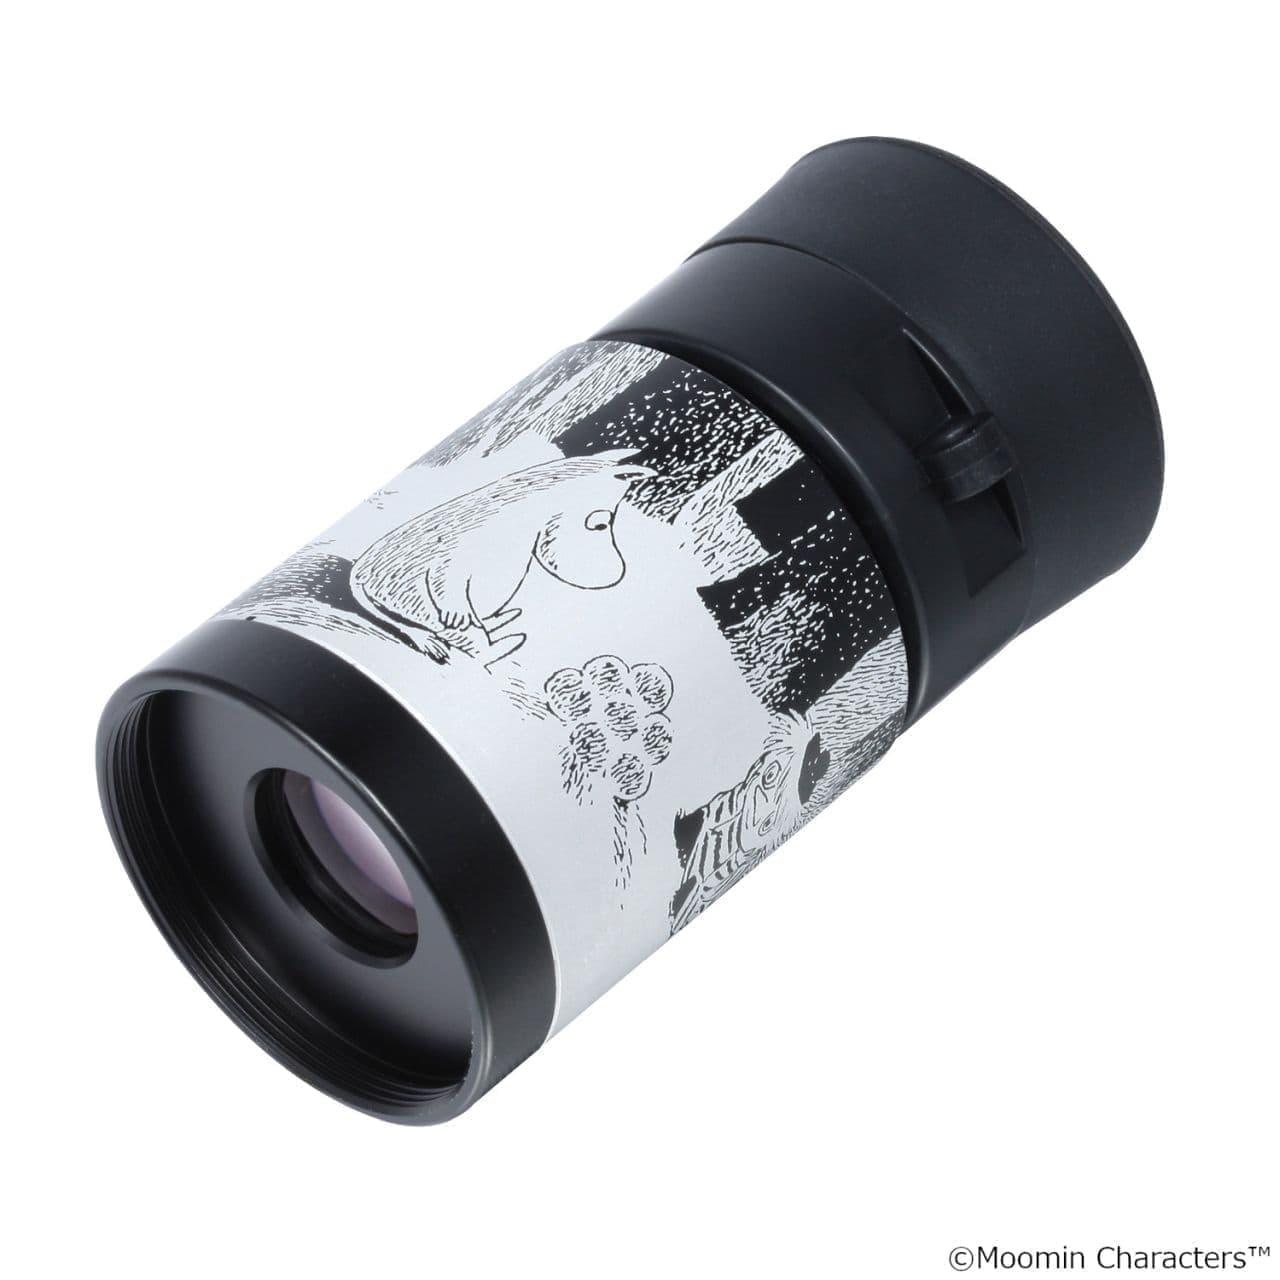 可愛いムーミンの単眼鏡「MOOMIN H4×12」がビクセンから--美術館巡りに便利なケース付き